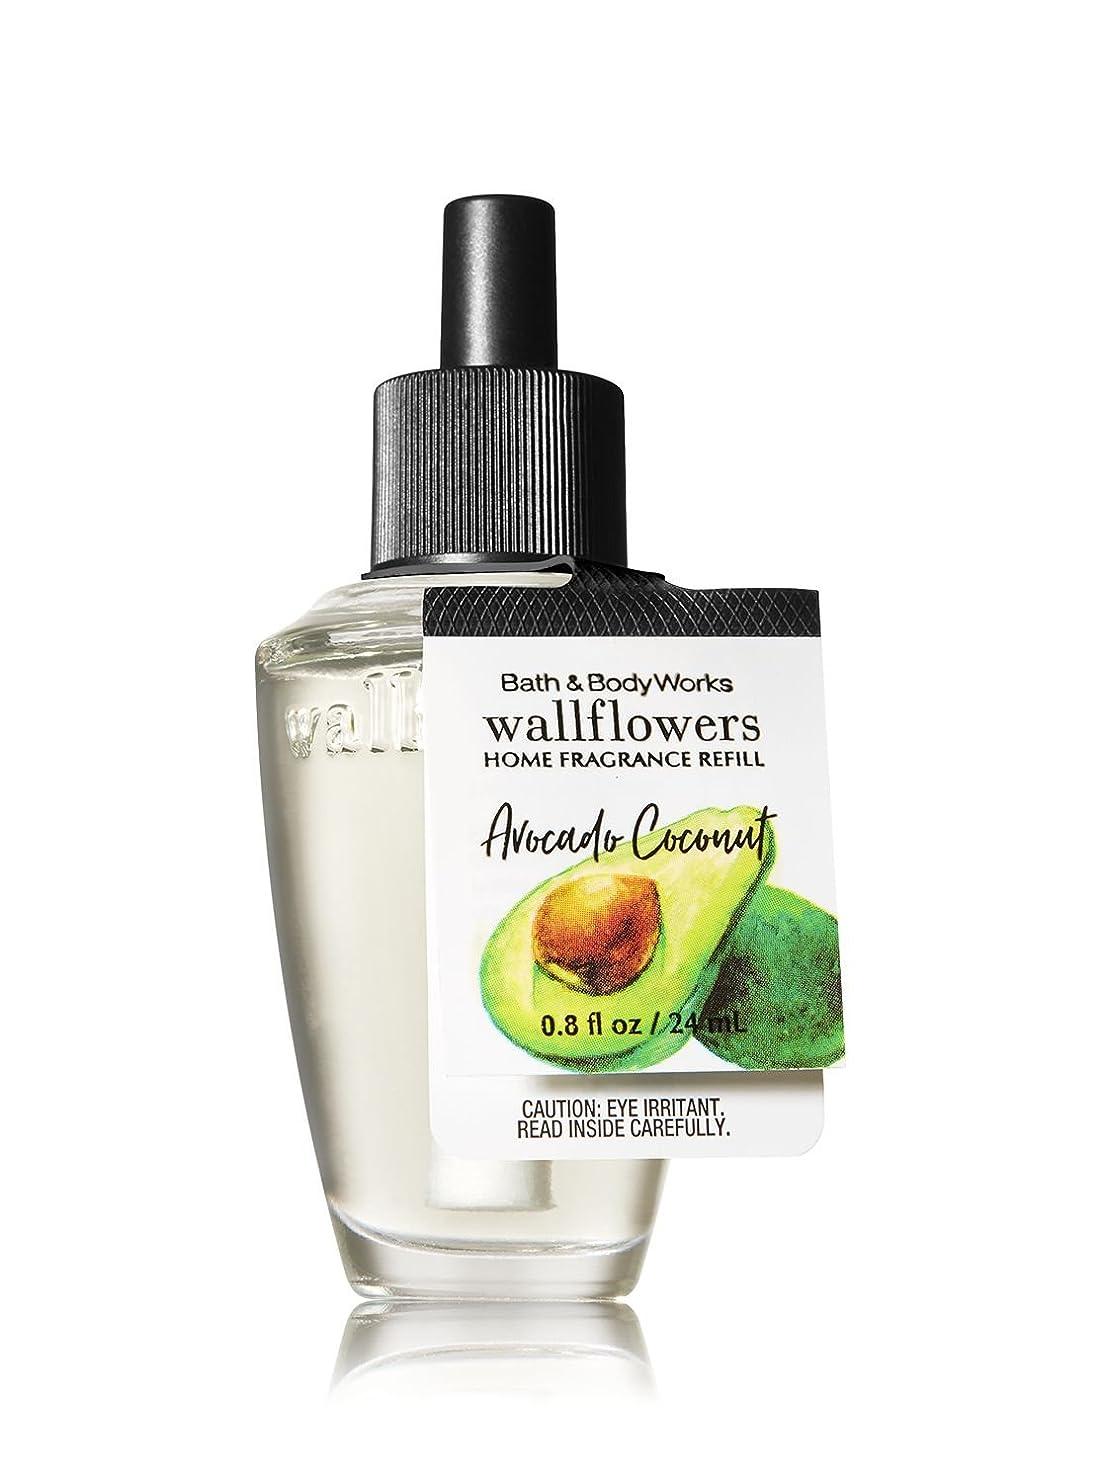 歴史かわいらしいロッカー【Bath&Body Works/バス&ボディワークス】 ルームフレグランス 詰替えリフィル アボカドココナッツ Wallflowers Home Fragrance Refill Avocado Coconut [並行輸入品]